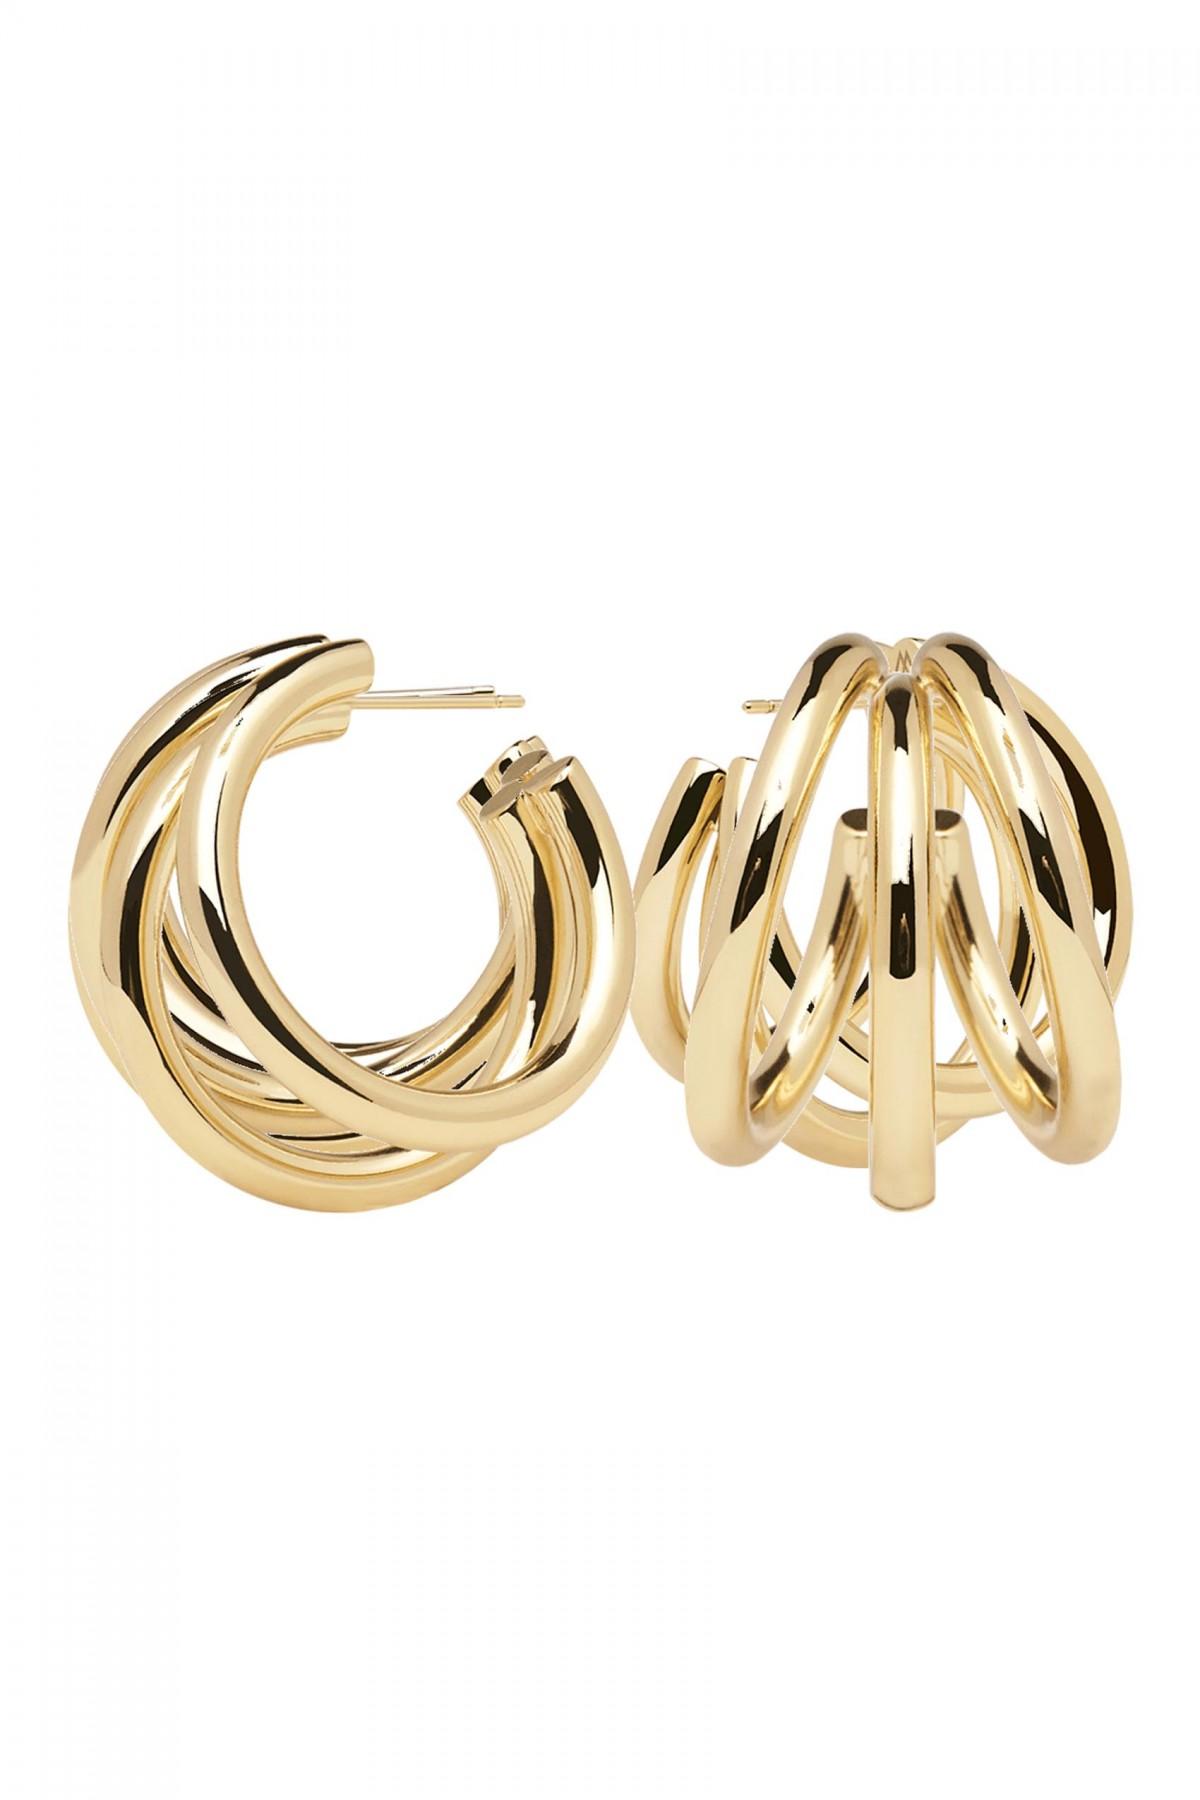 TRUE GOLD EARRINGS - P D PAOLA